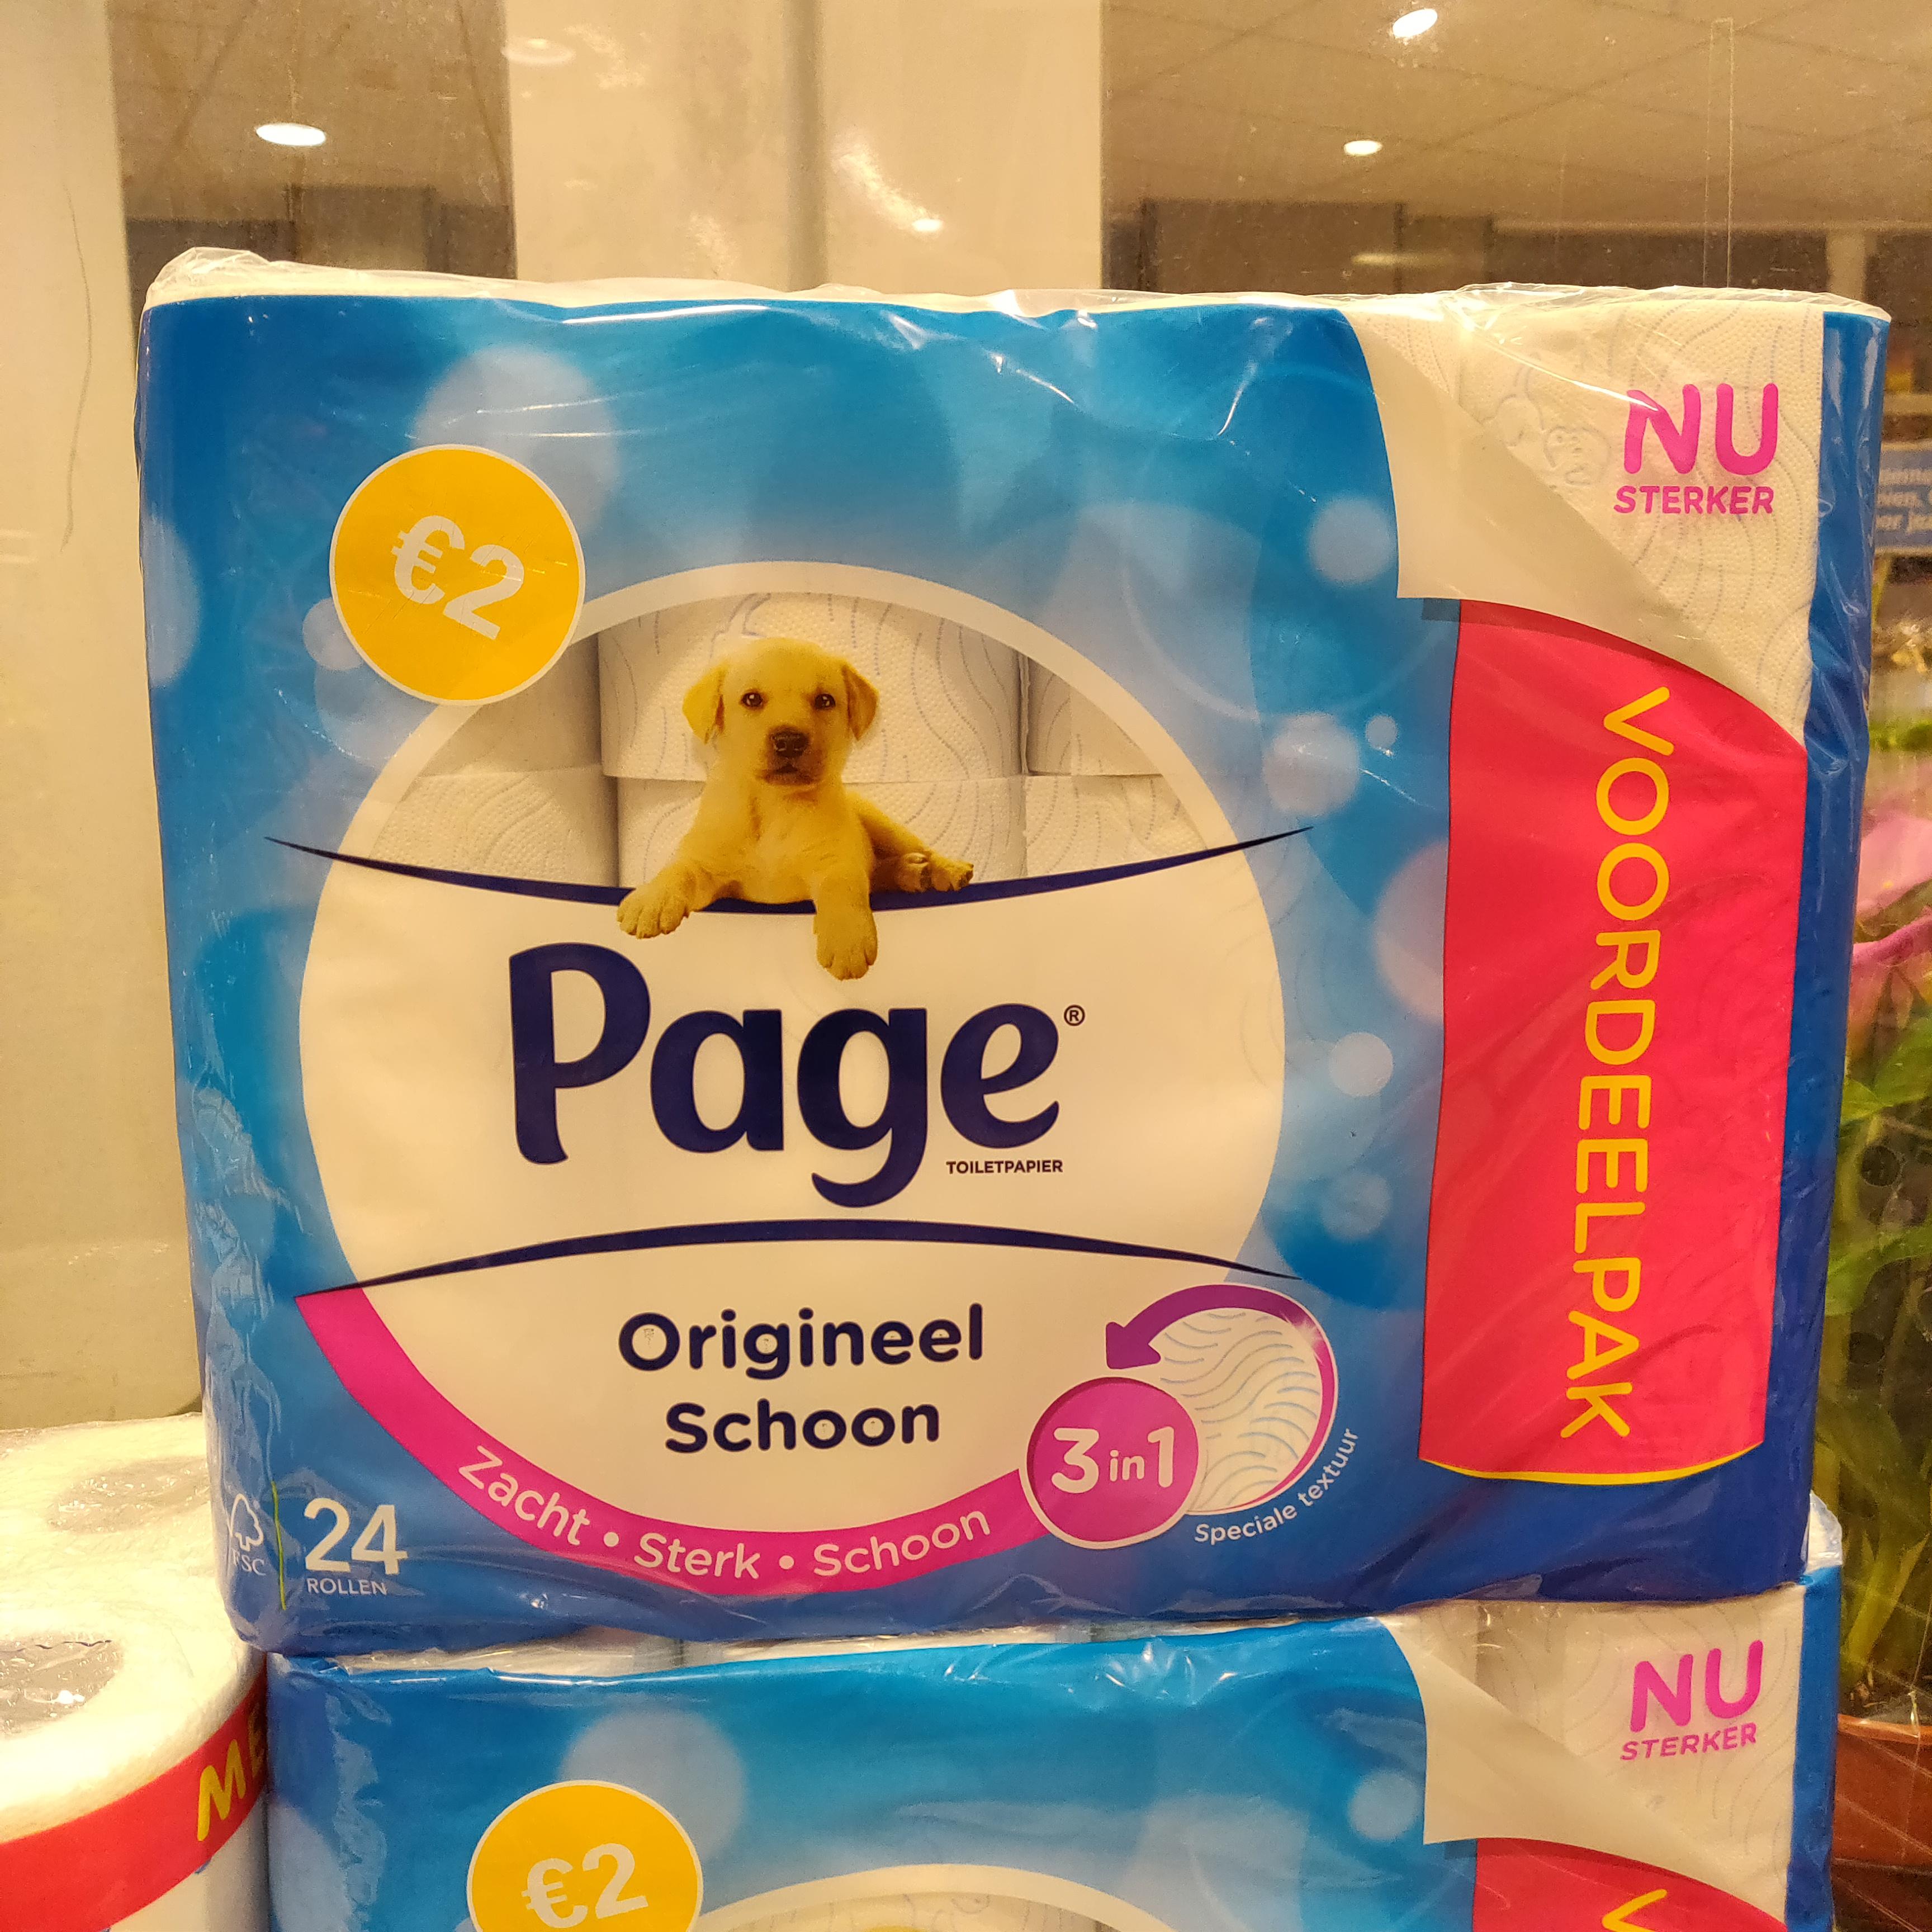 [Lokaal?] 24 rollen Page toiletpapier voor €2,- @AH